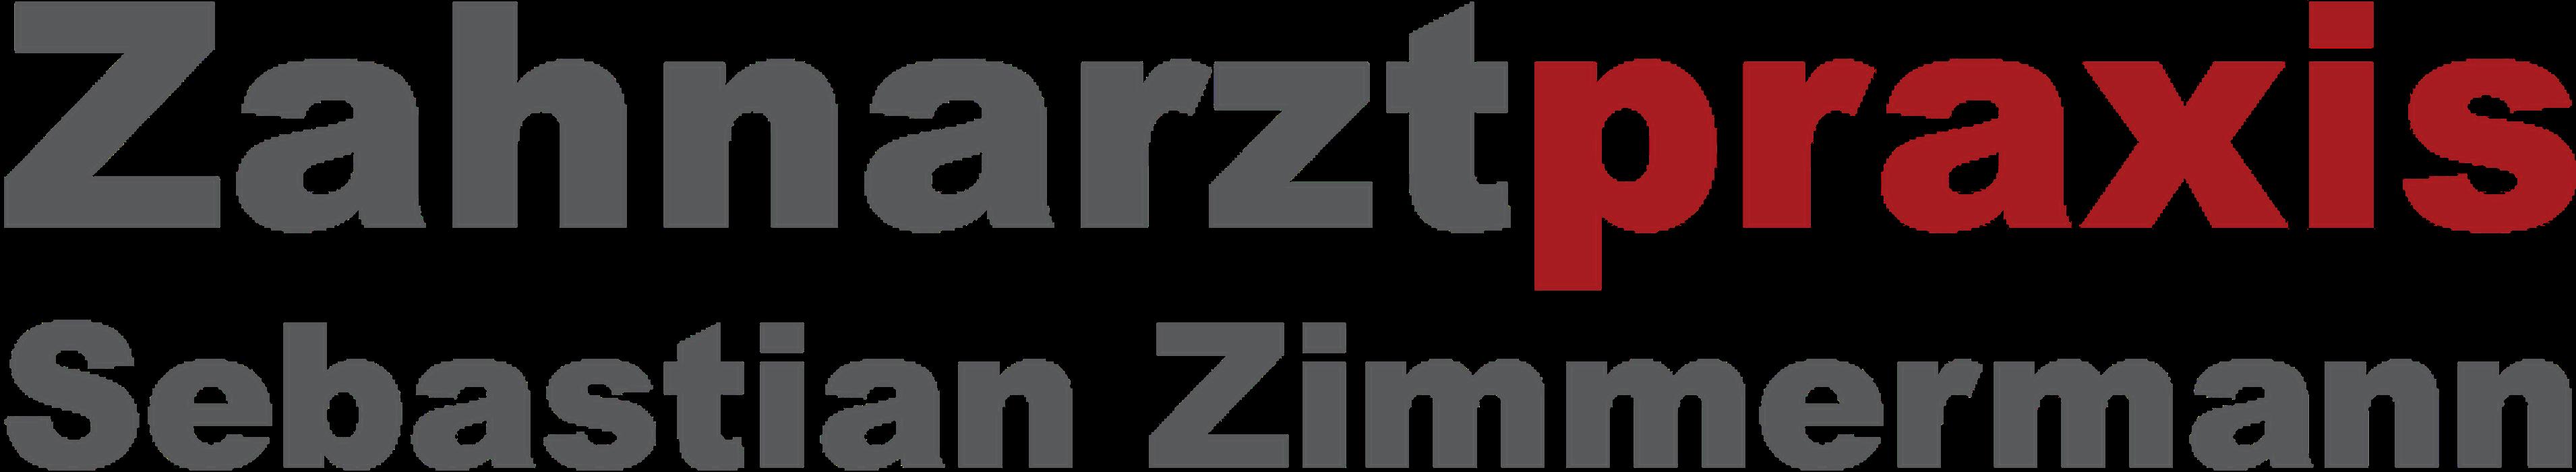 Bild zu Zahnarzt Sebastian Zimmermann in Augsburg